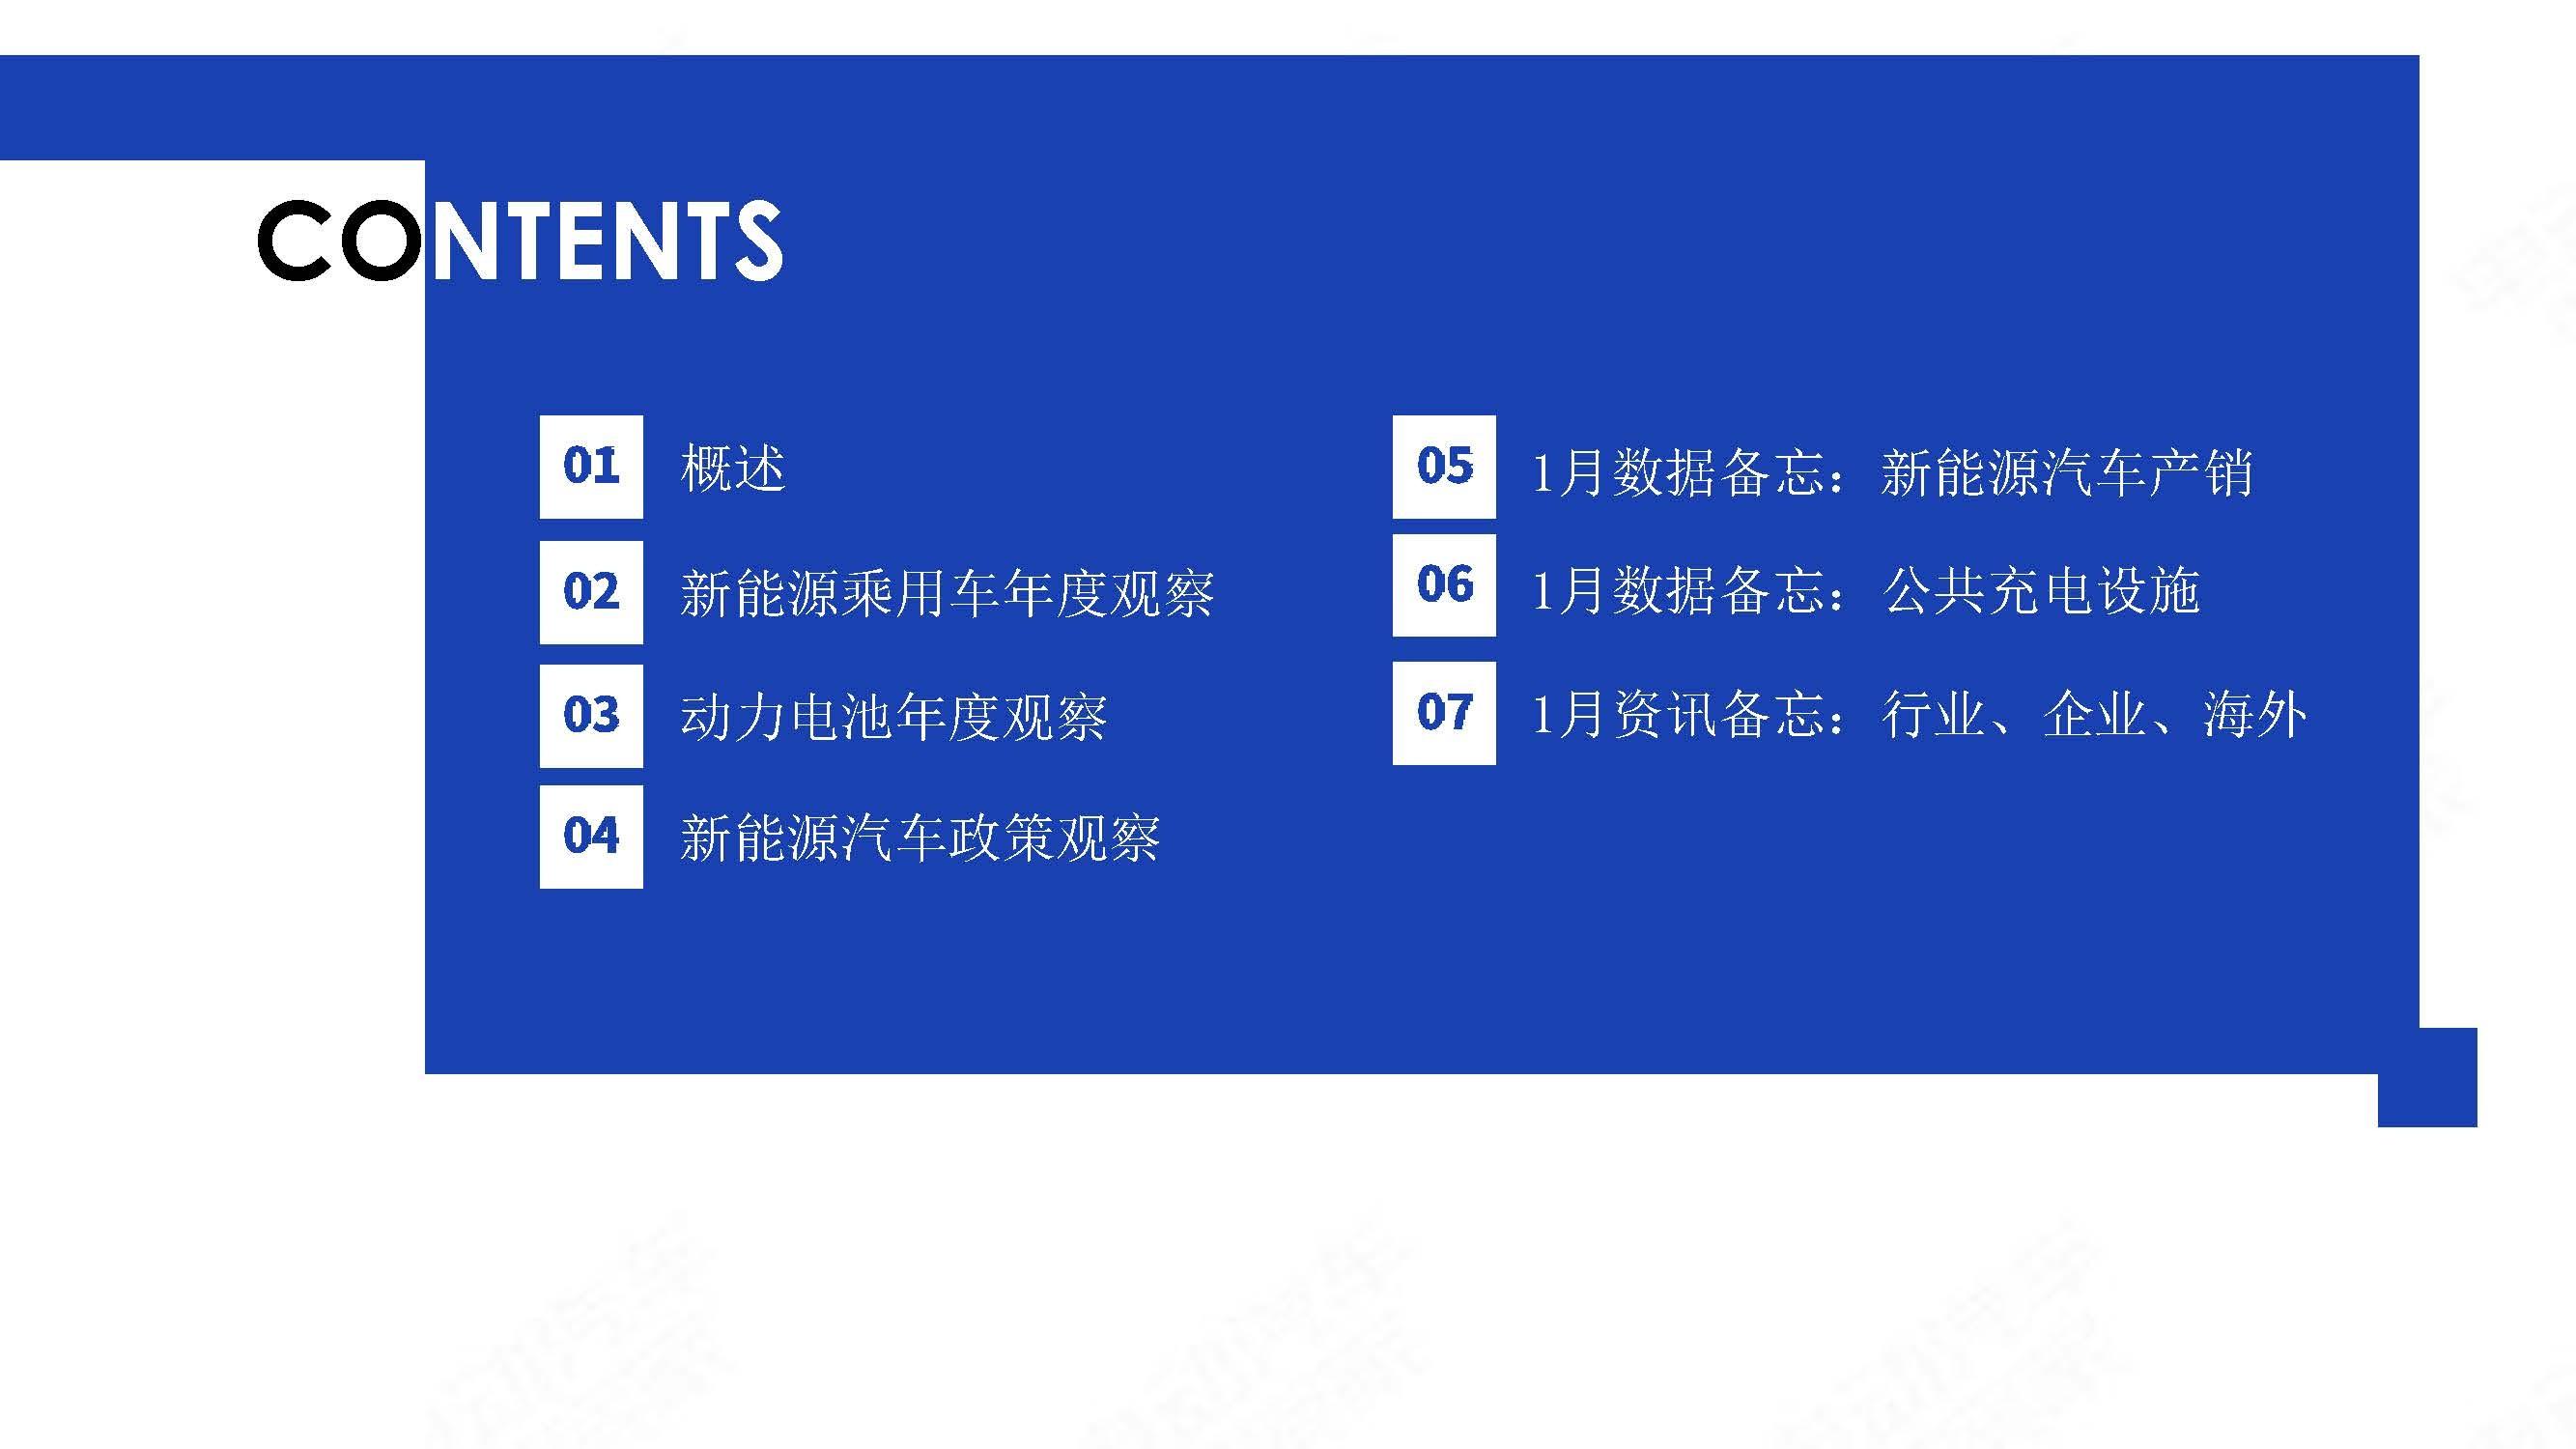 中国新能源汽车产业观察202001简略版_页面_02